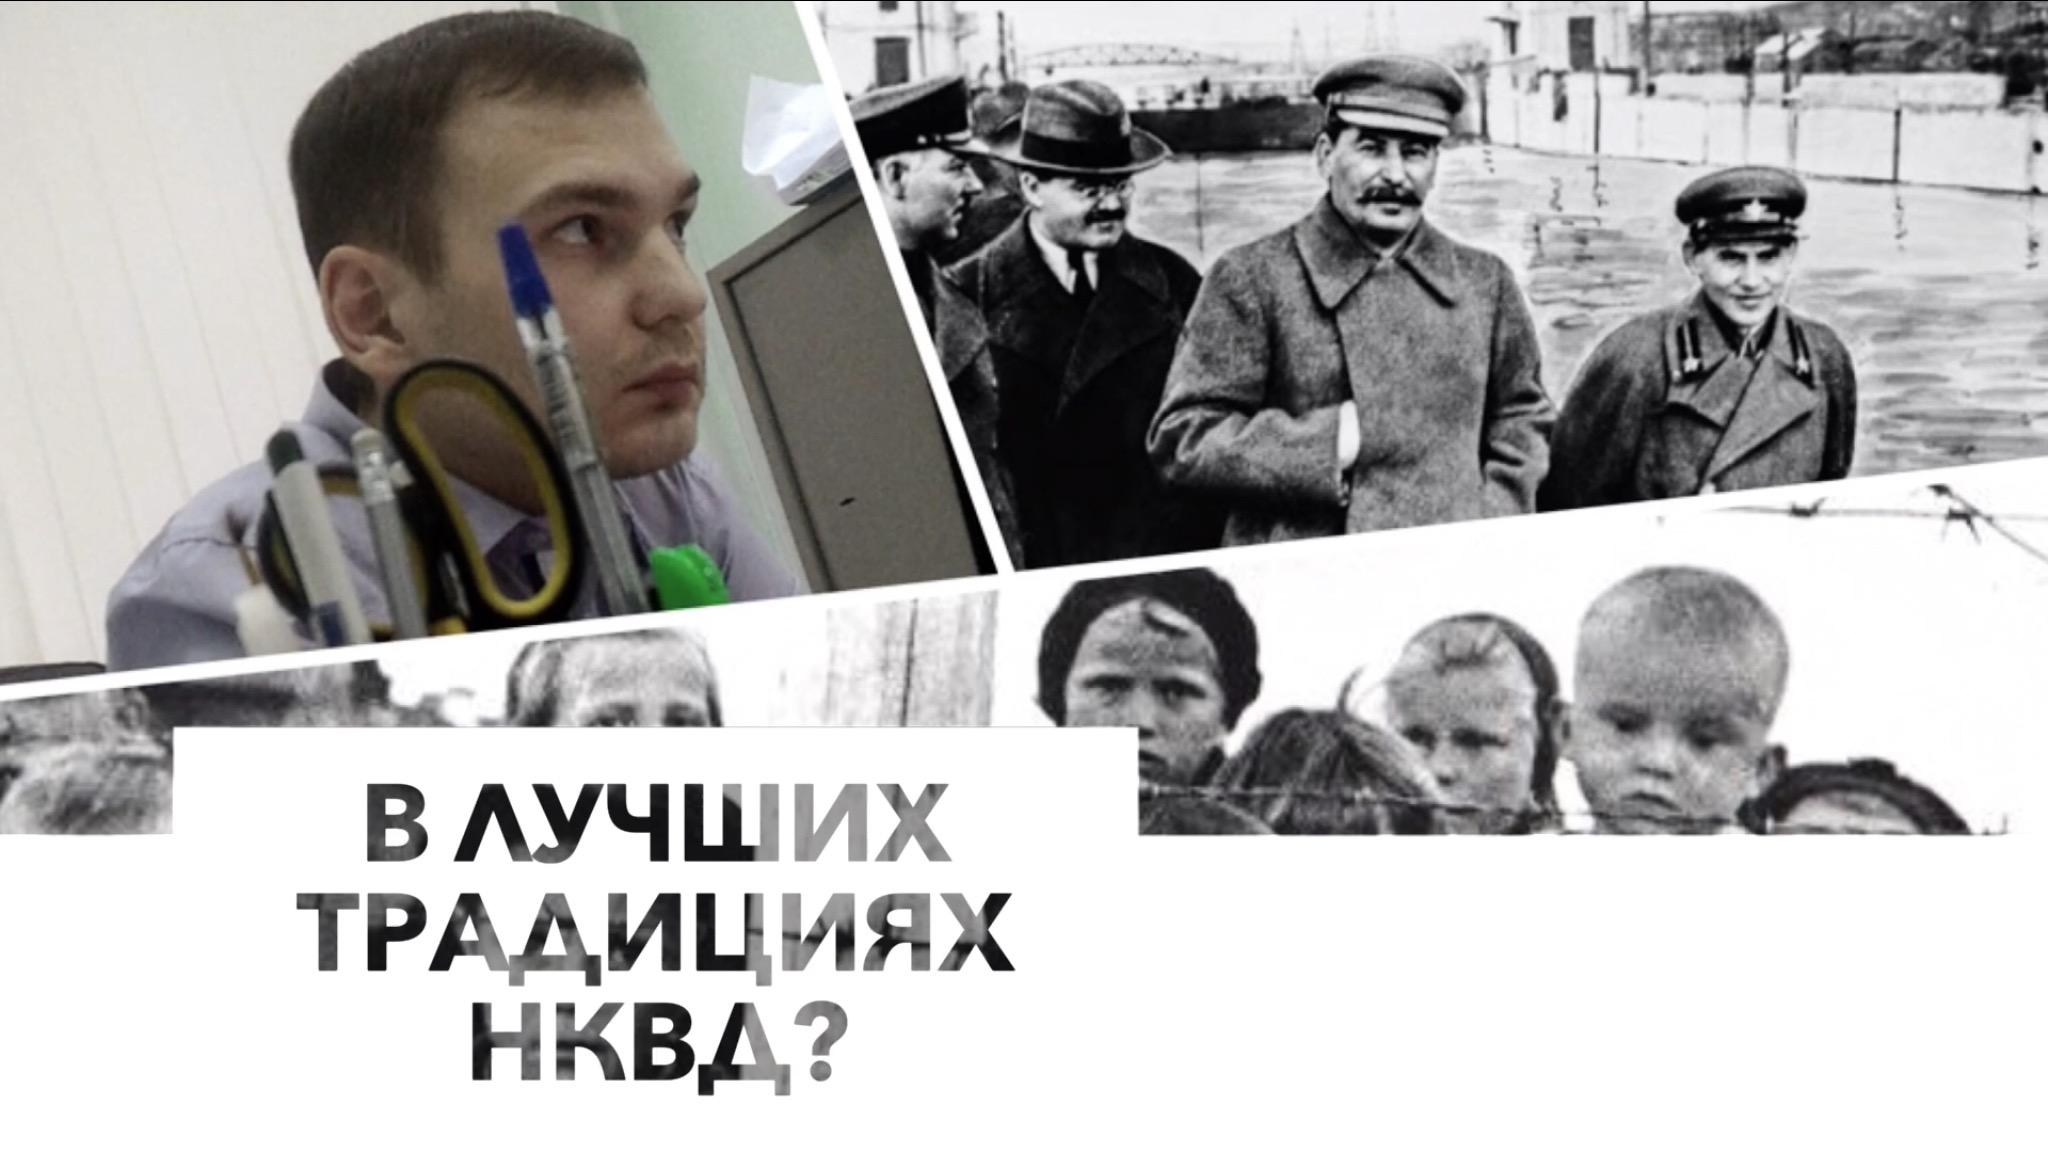 В лучших традициях НКВД?